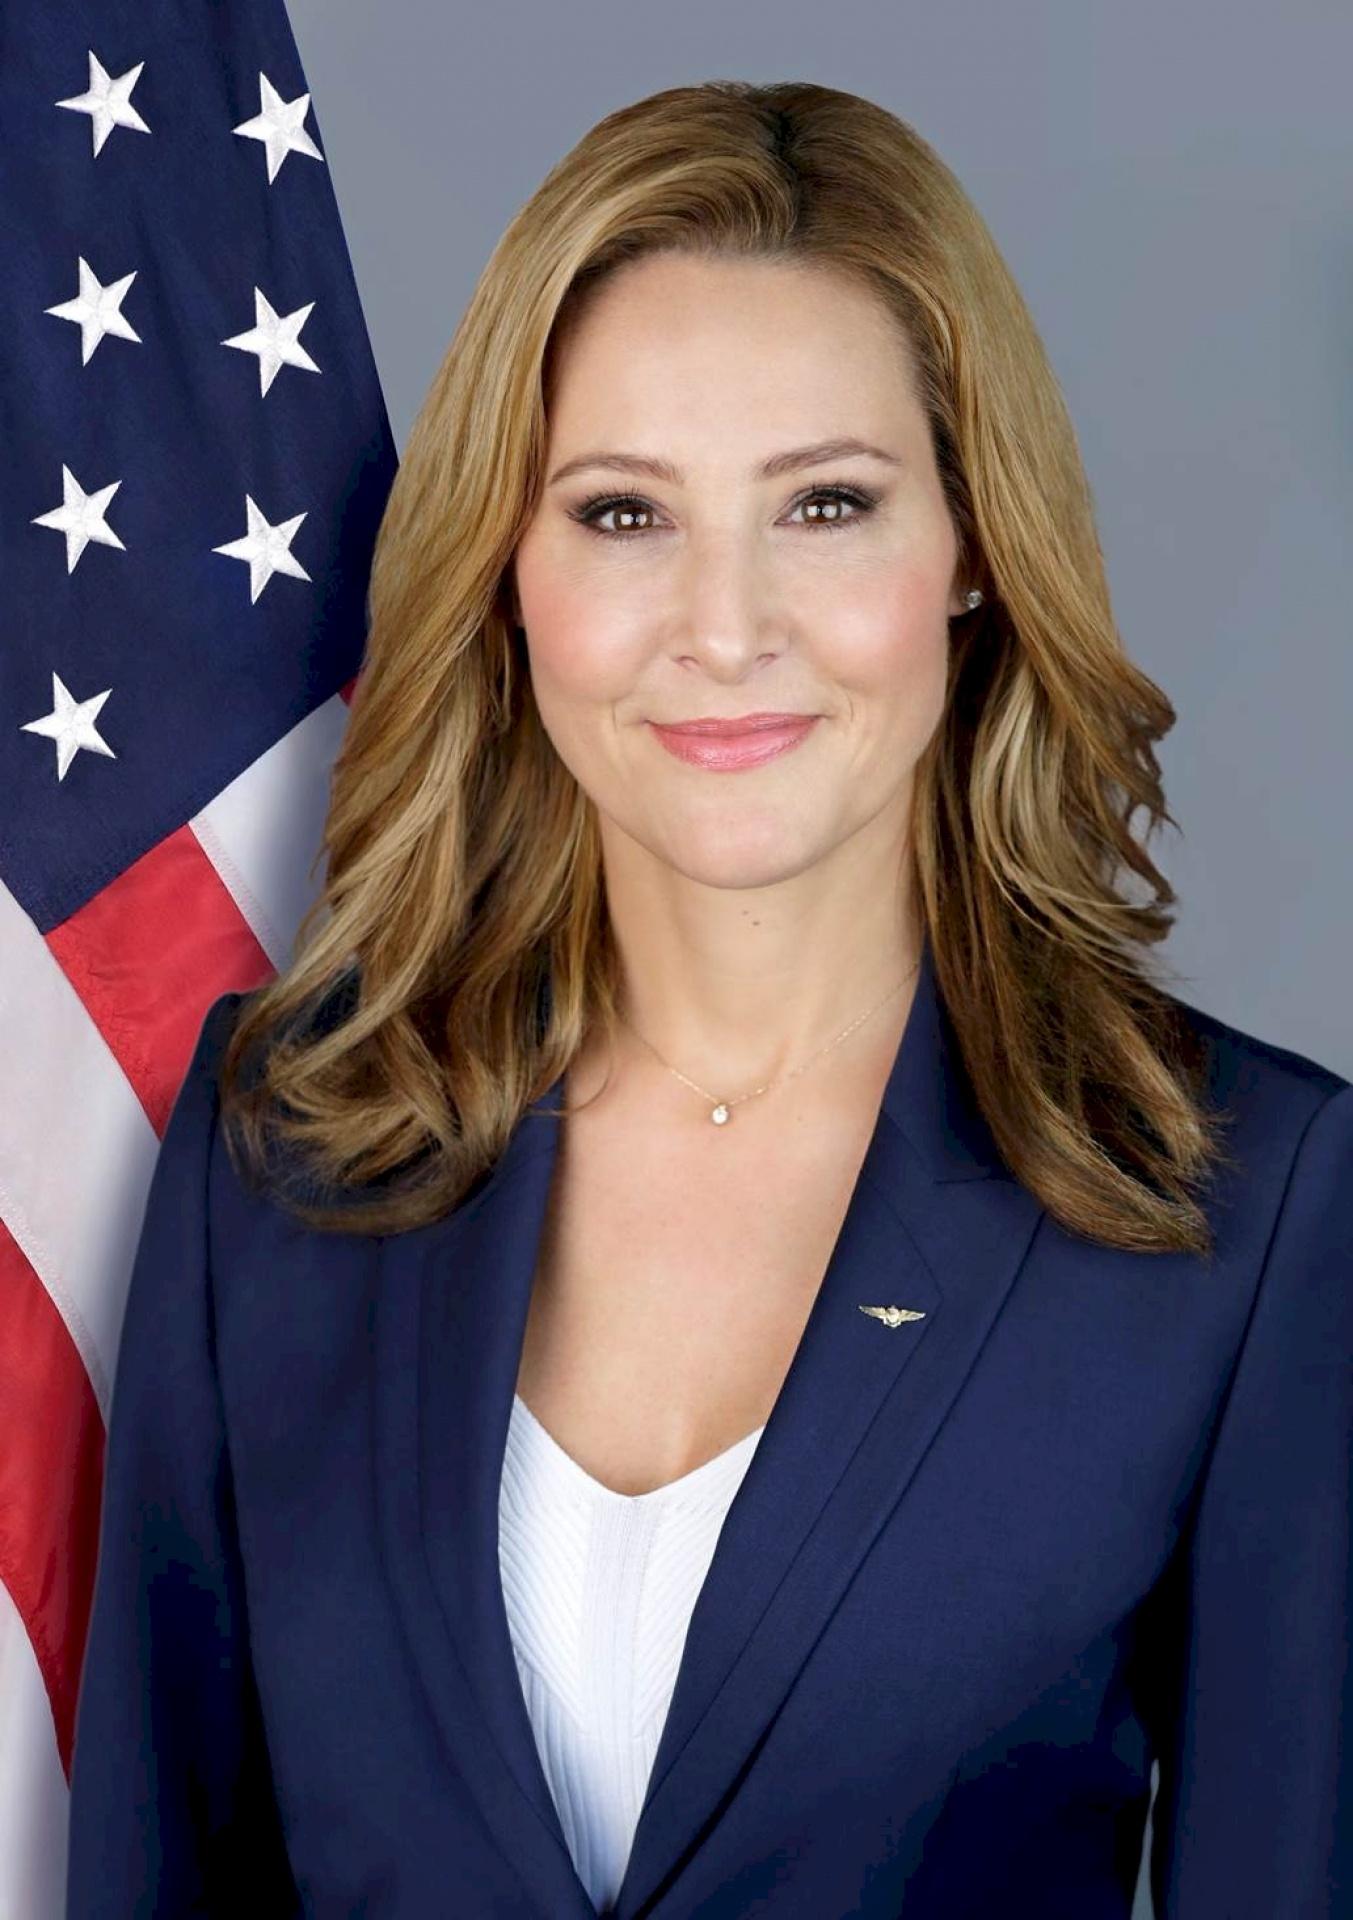 Lea Gabrielle